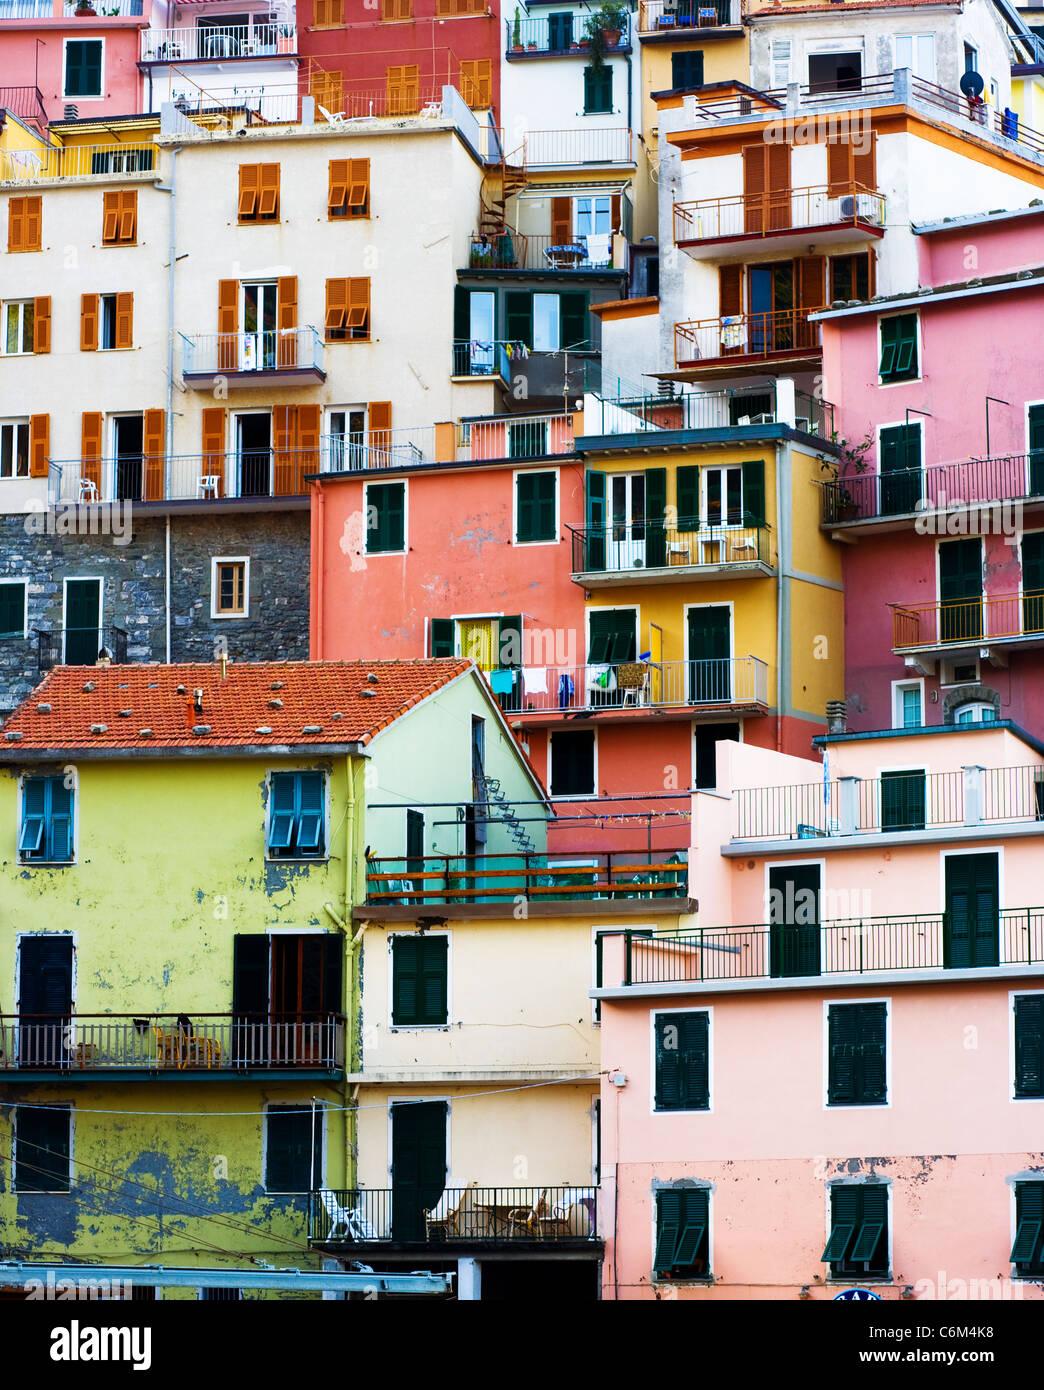 Los coloridos edificios en Cinque Terre, Italia. Foto de stock